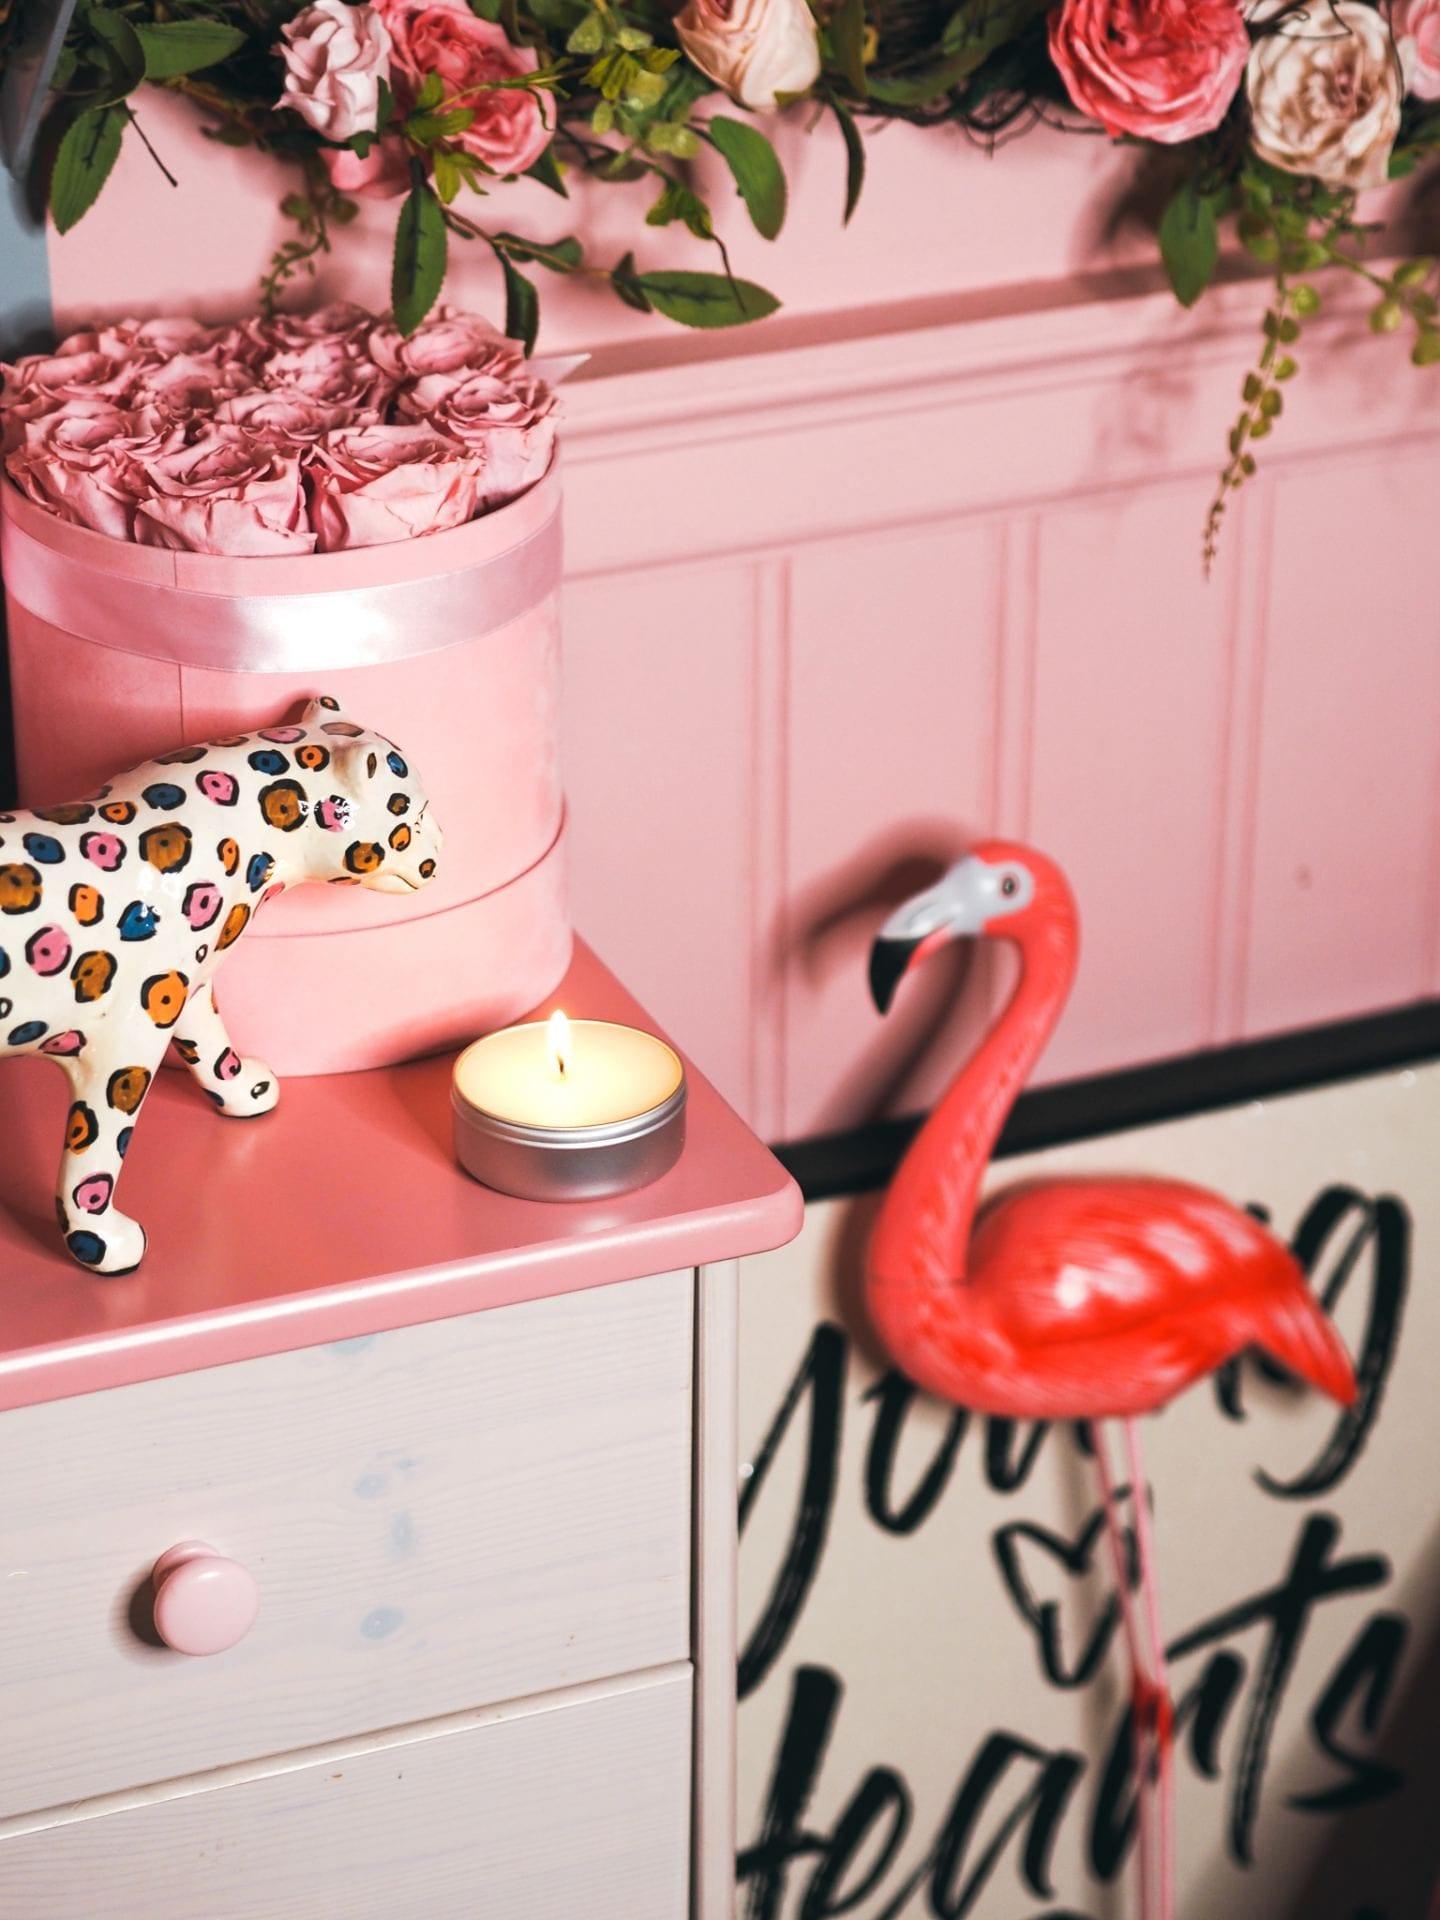 Ark SpaAromatics 'Nutmeg, Cinnamon & Clove' candle